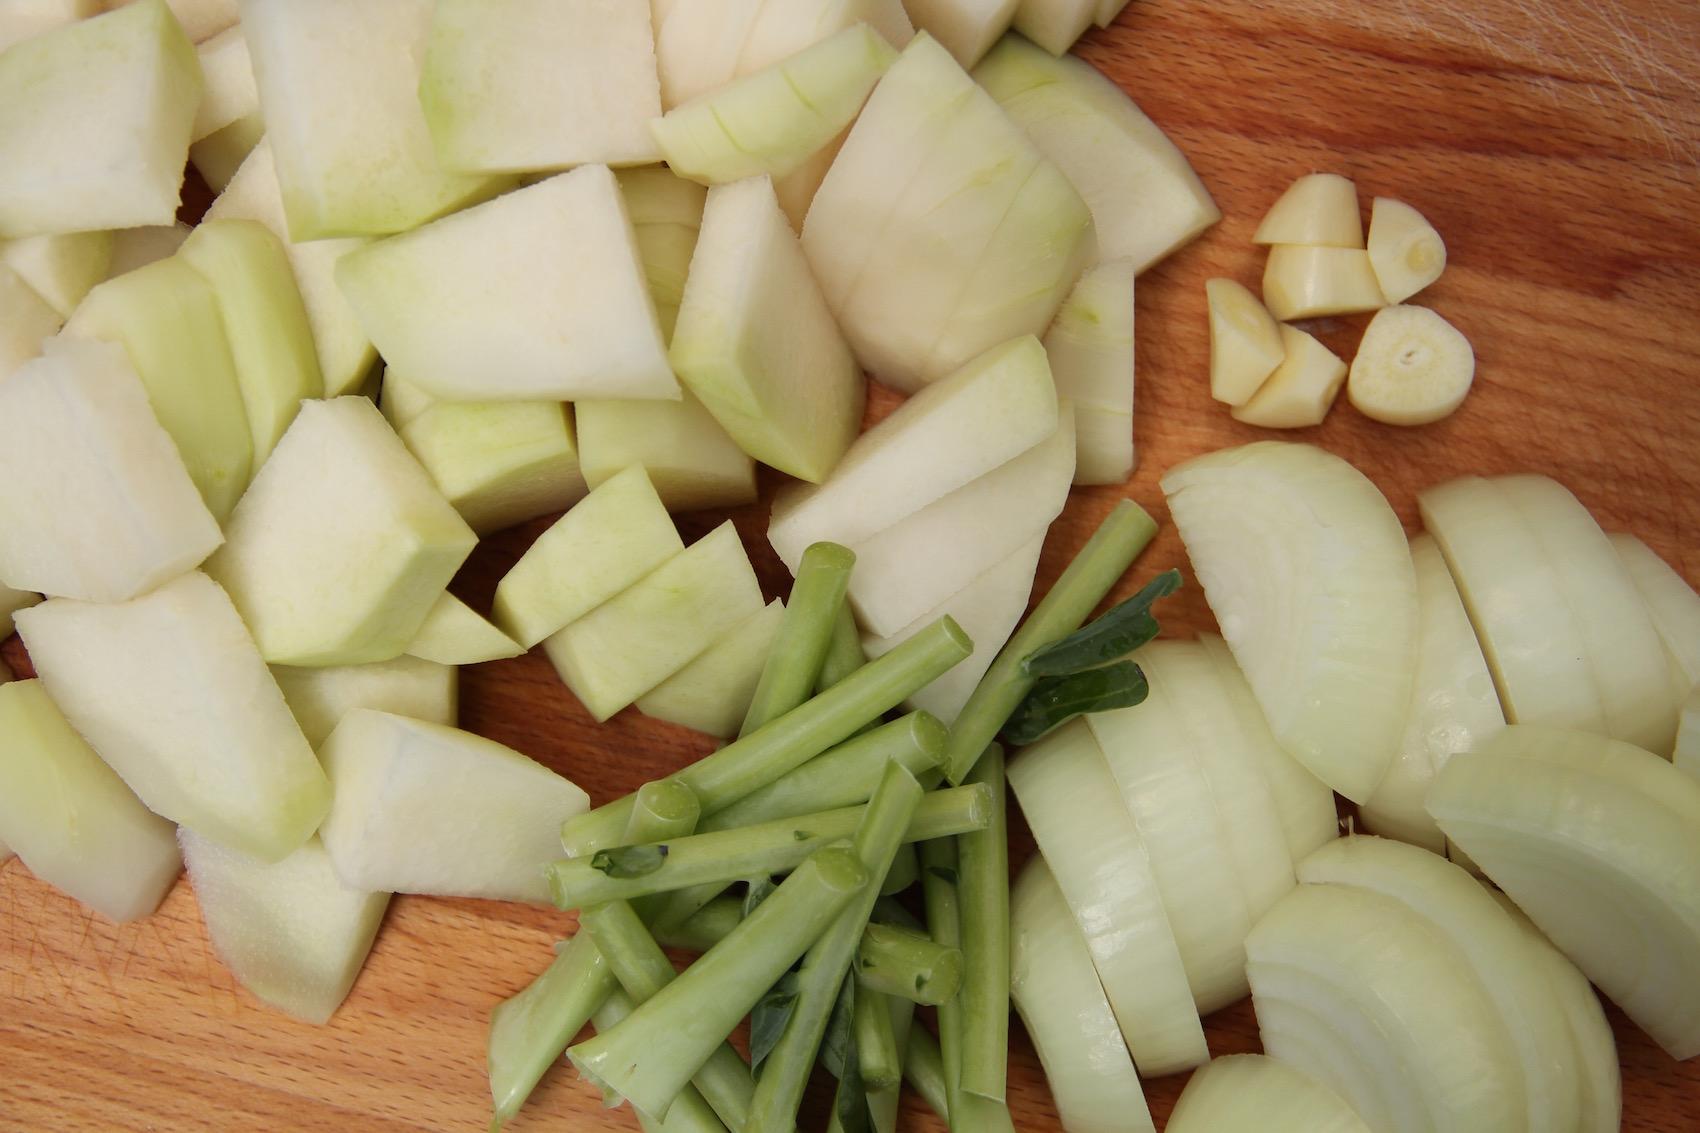 Kohlrabi, Zwiebeln, Knoblauch und Kohlrabiblätterstiele klein geschnitten